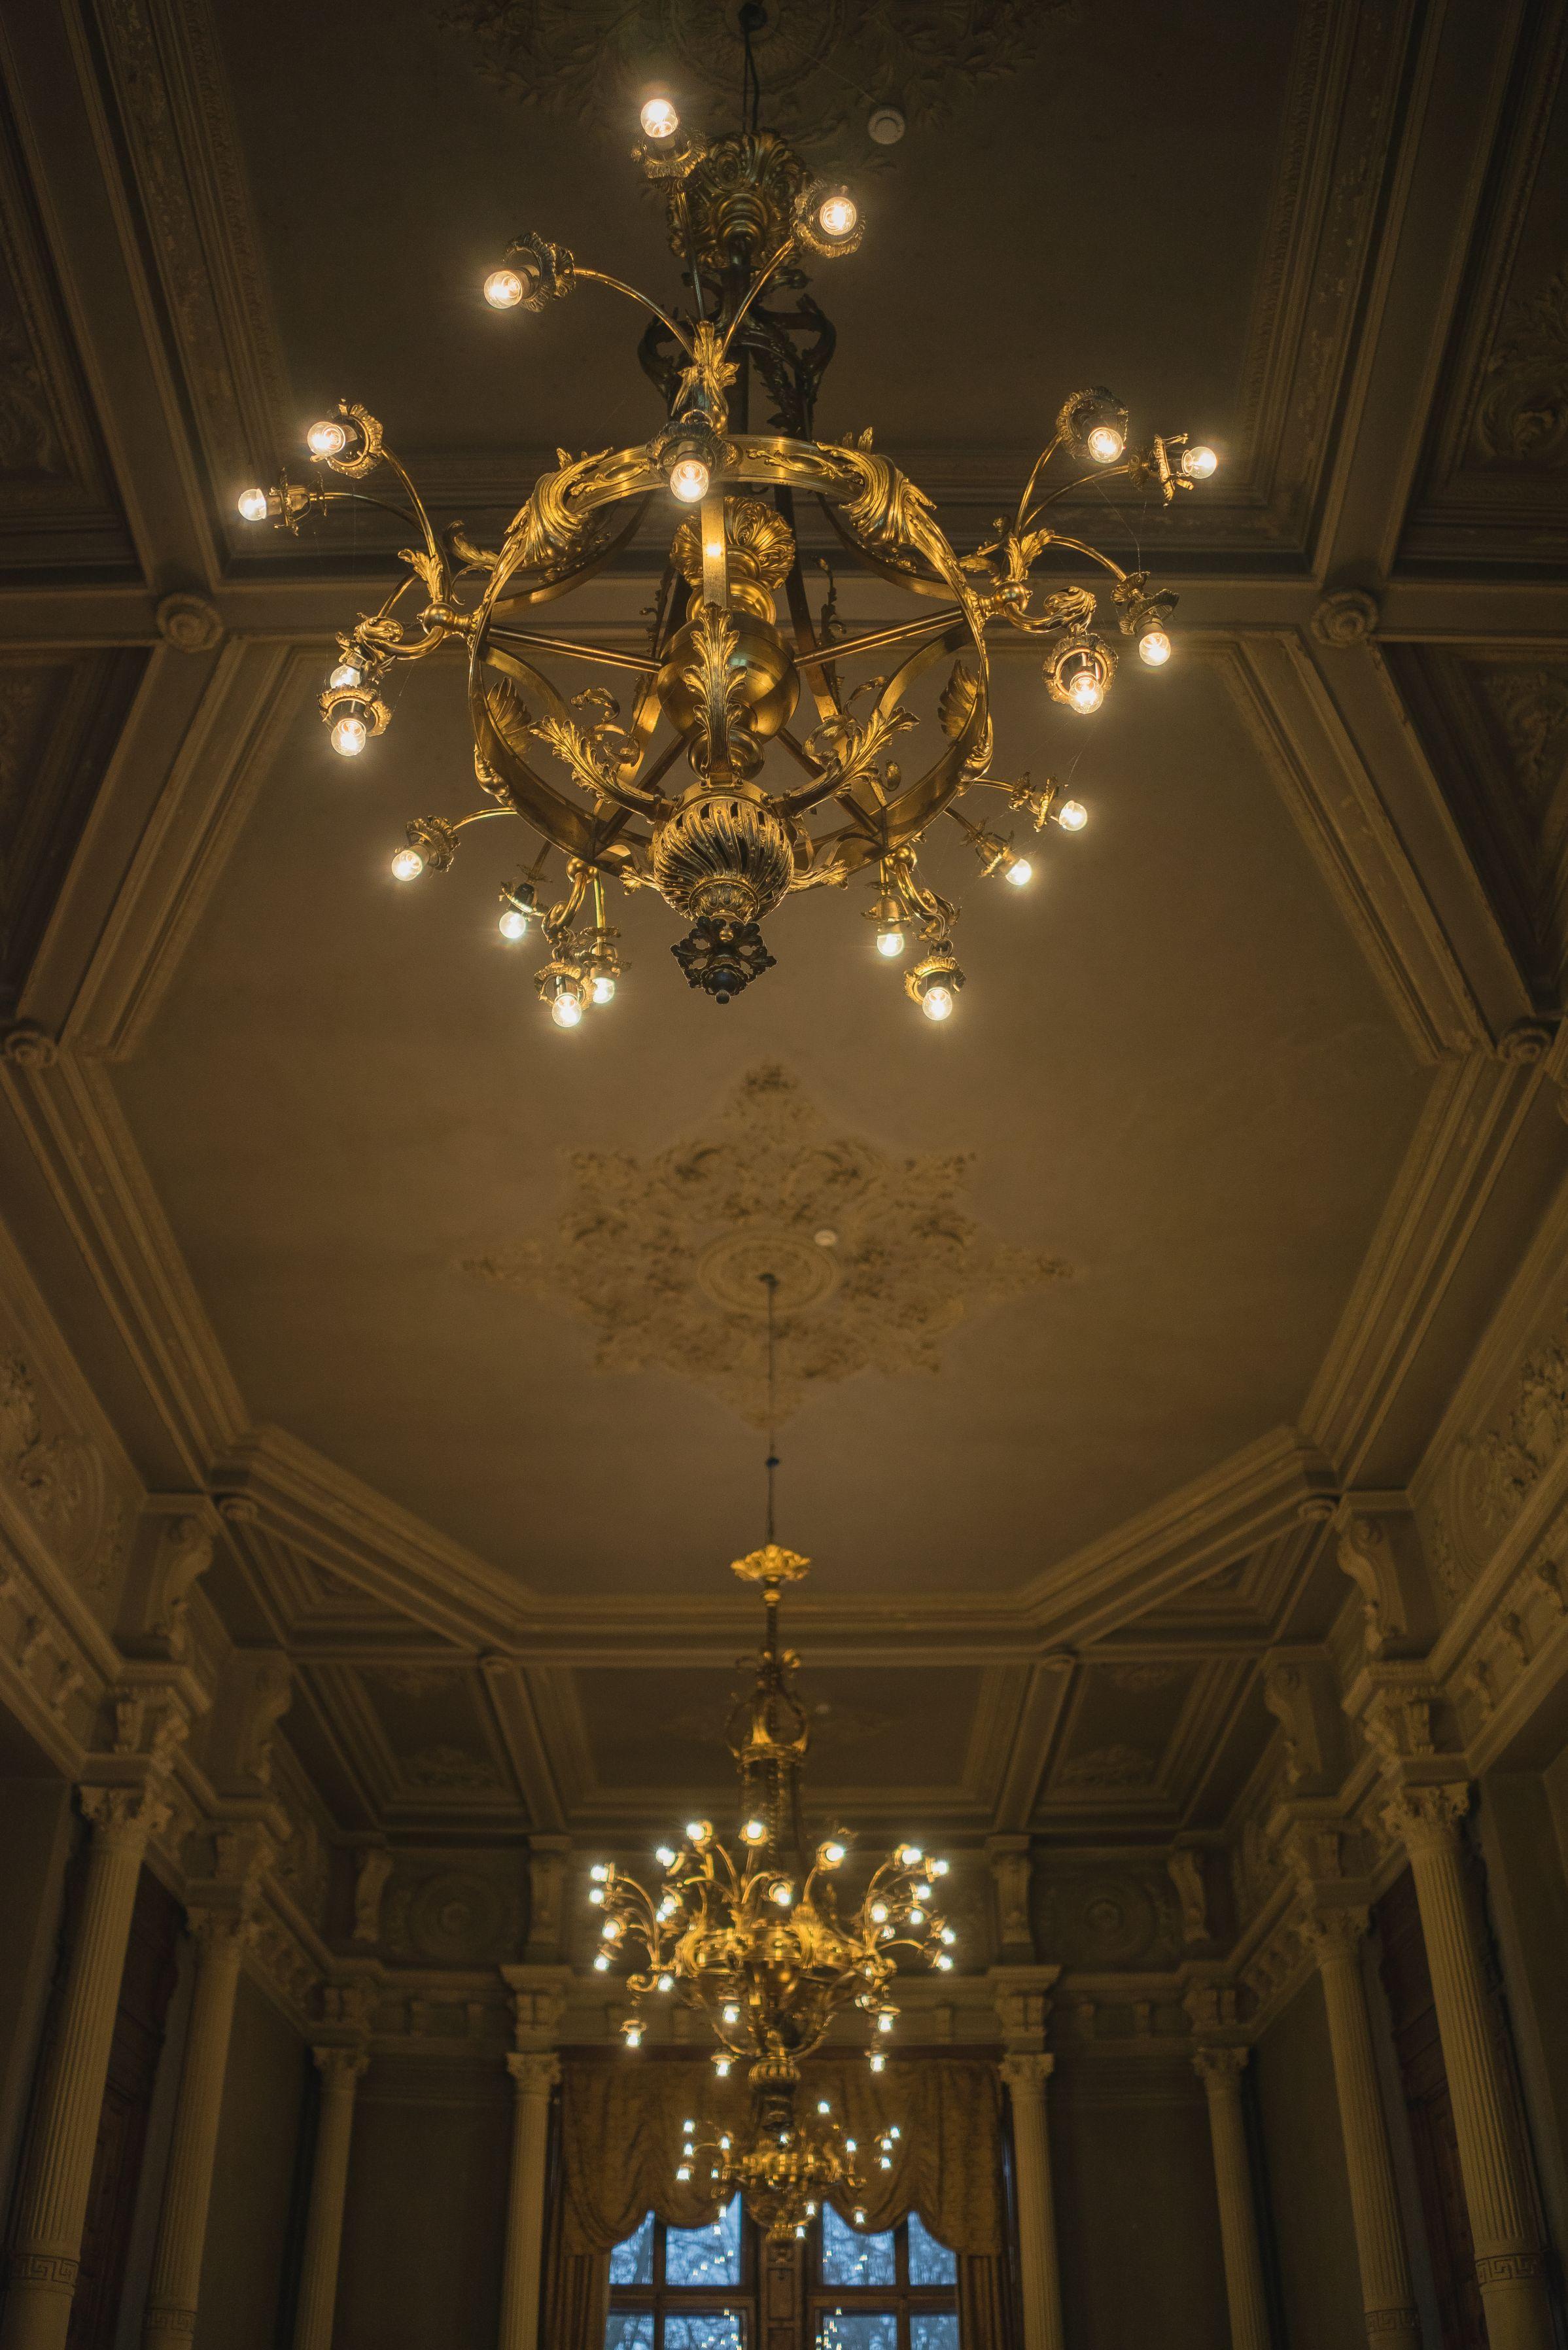 Three chandeliers, 1900–1929, Verkiai Palace. Photo by Povilas Jarmala, 2017